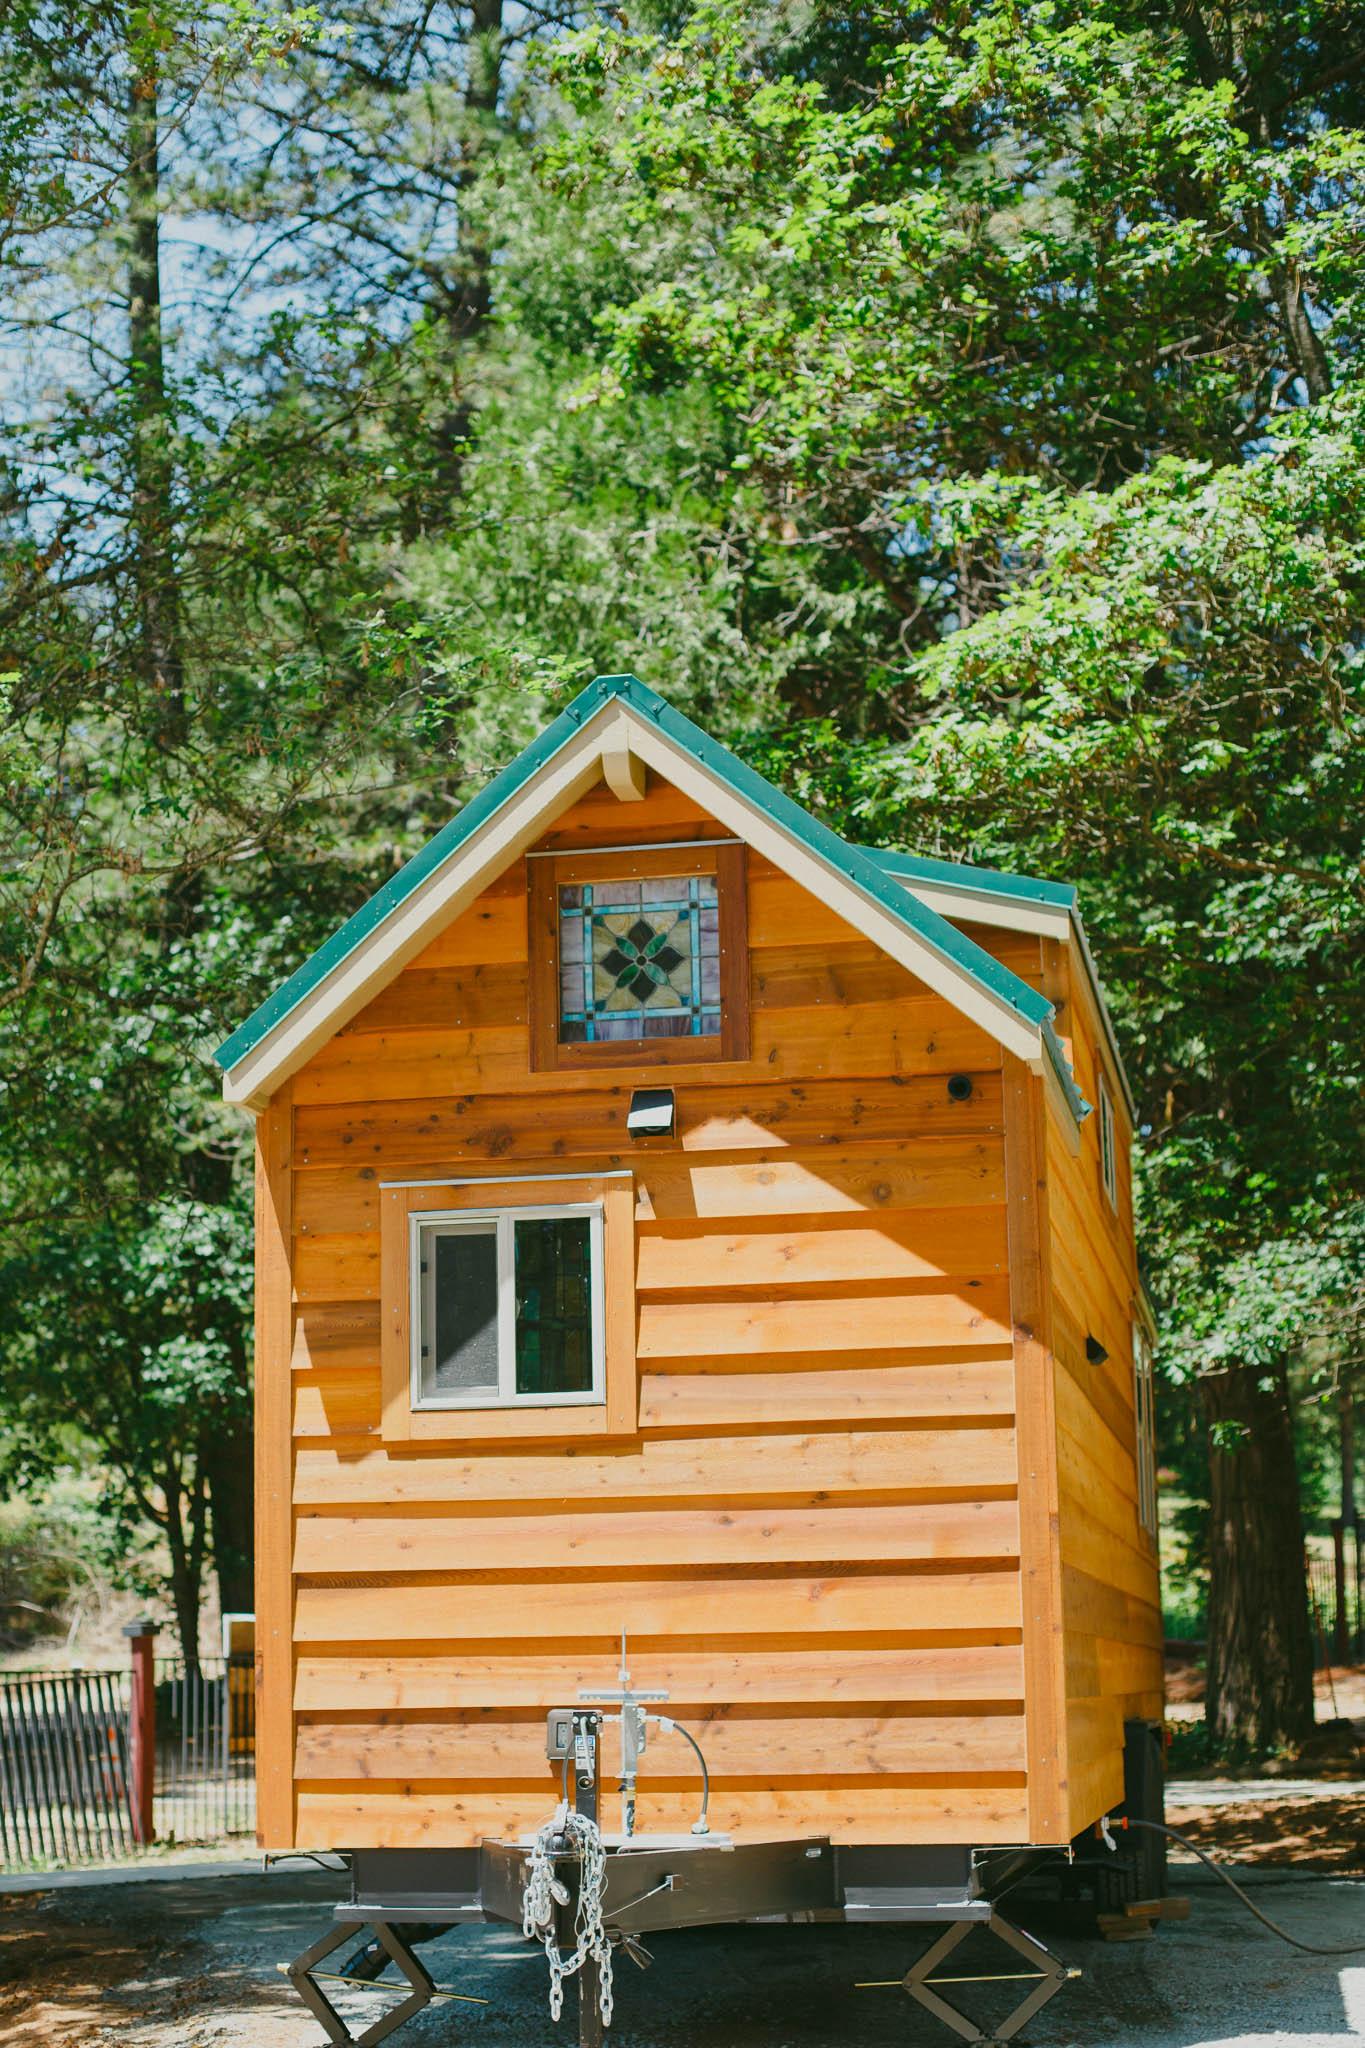 Tiny House for the Camp Caretaker